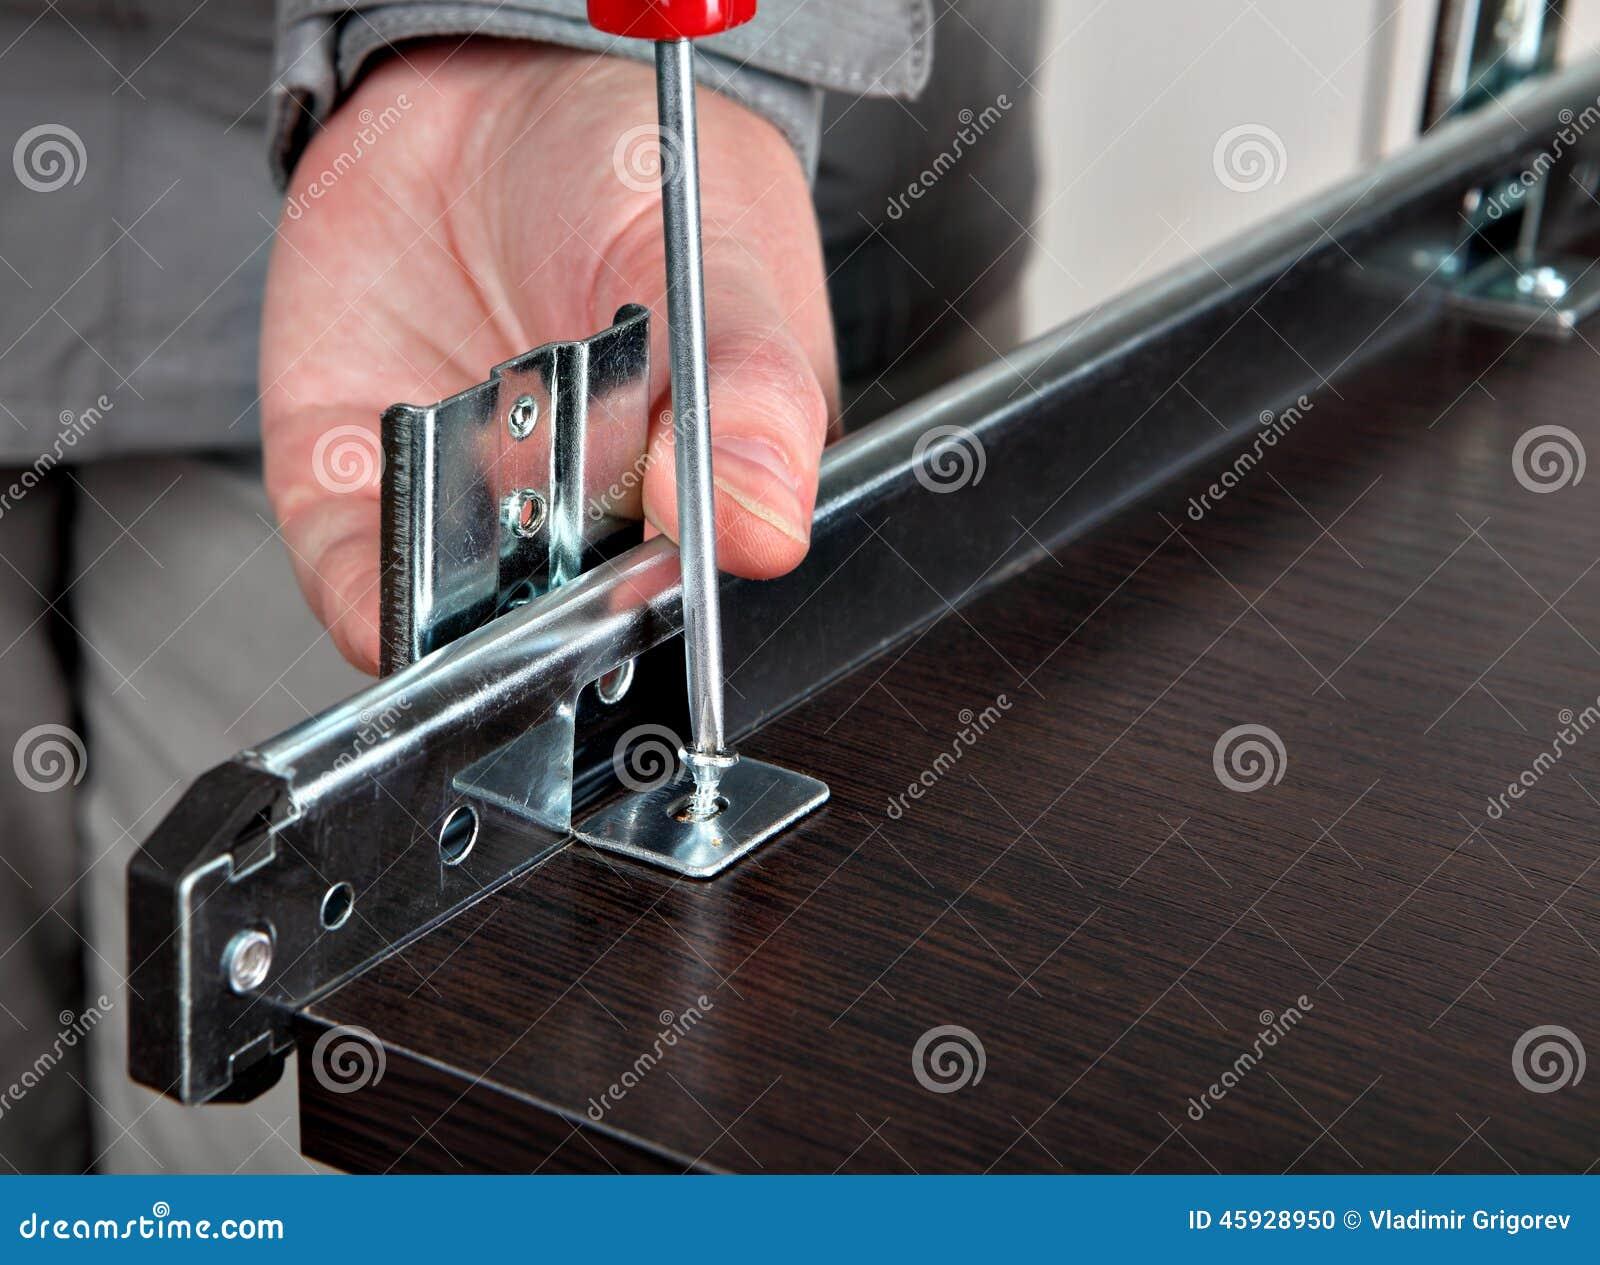 Установка столешницы на кухне своими руками: крепление к гар.